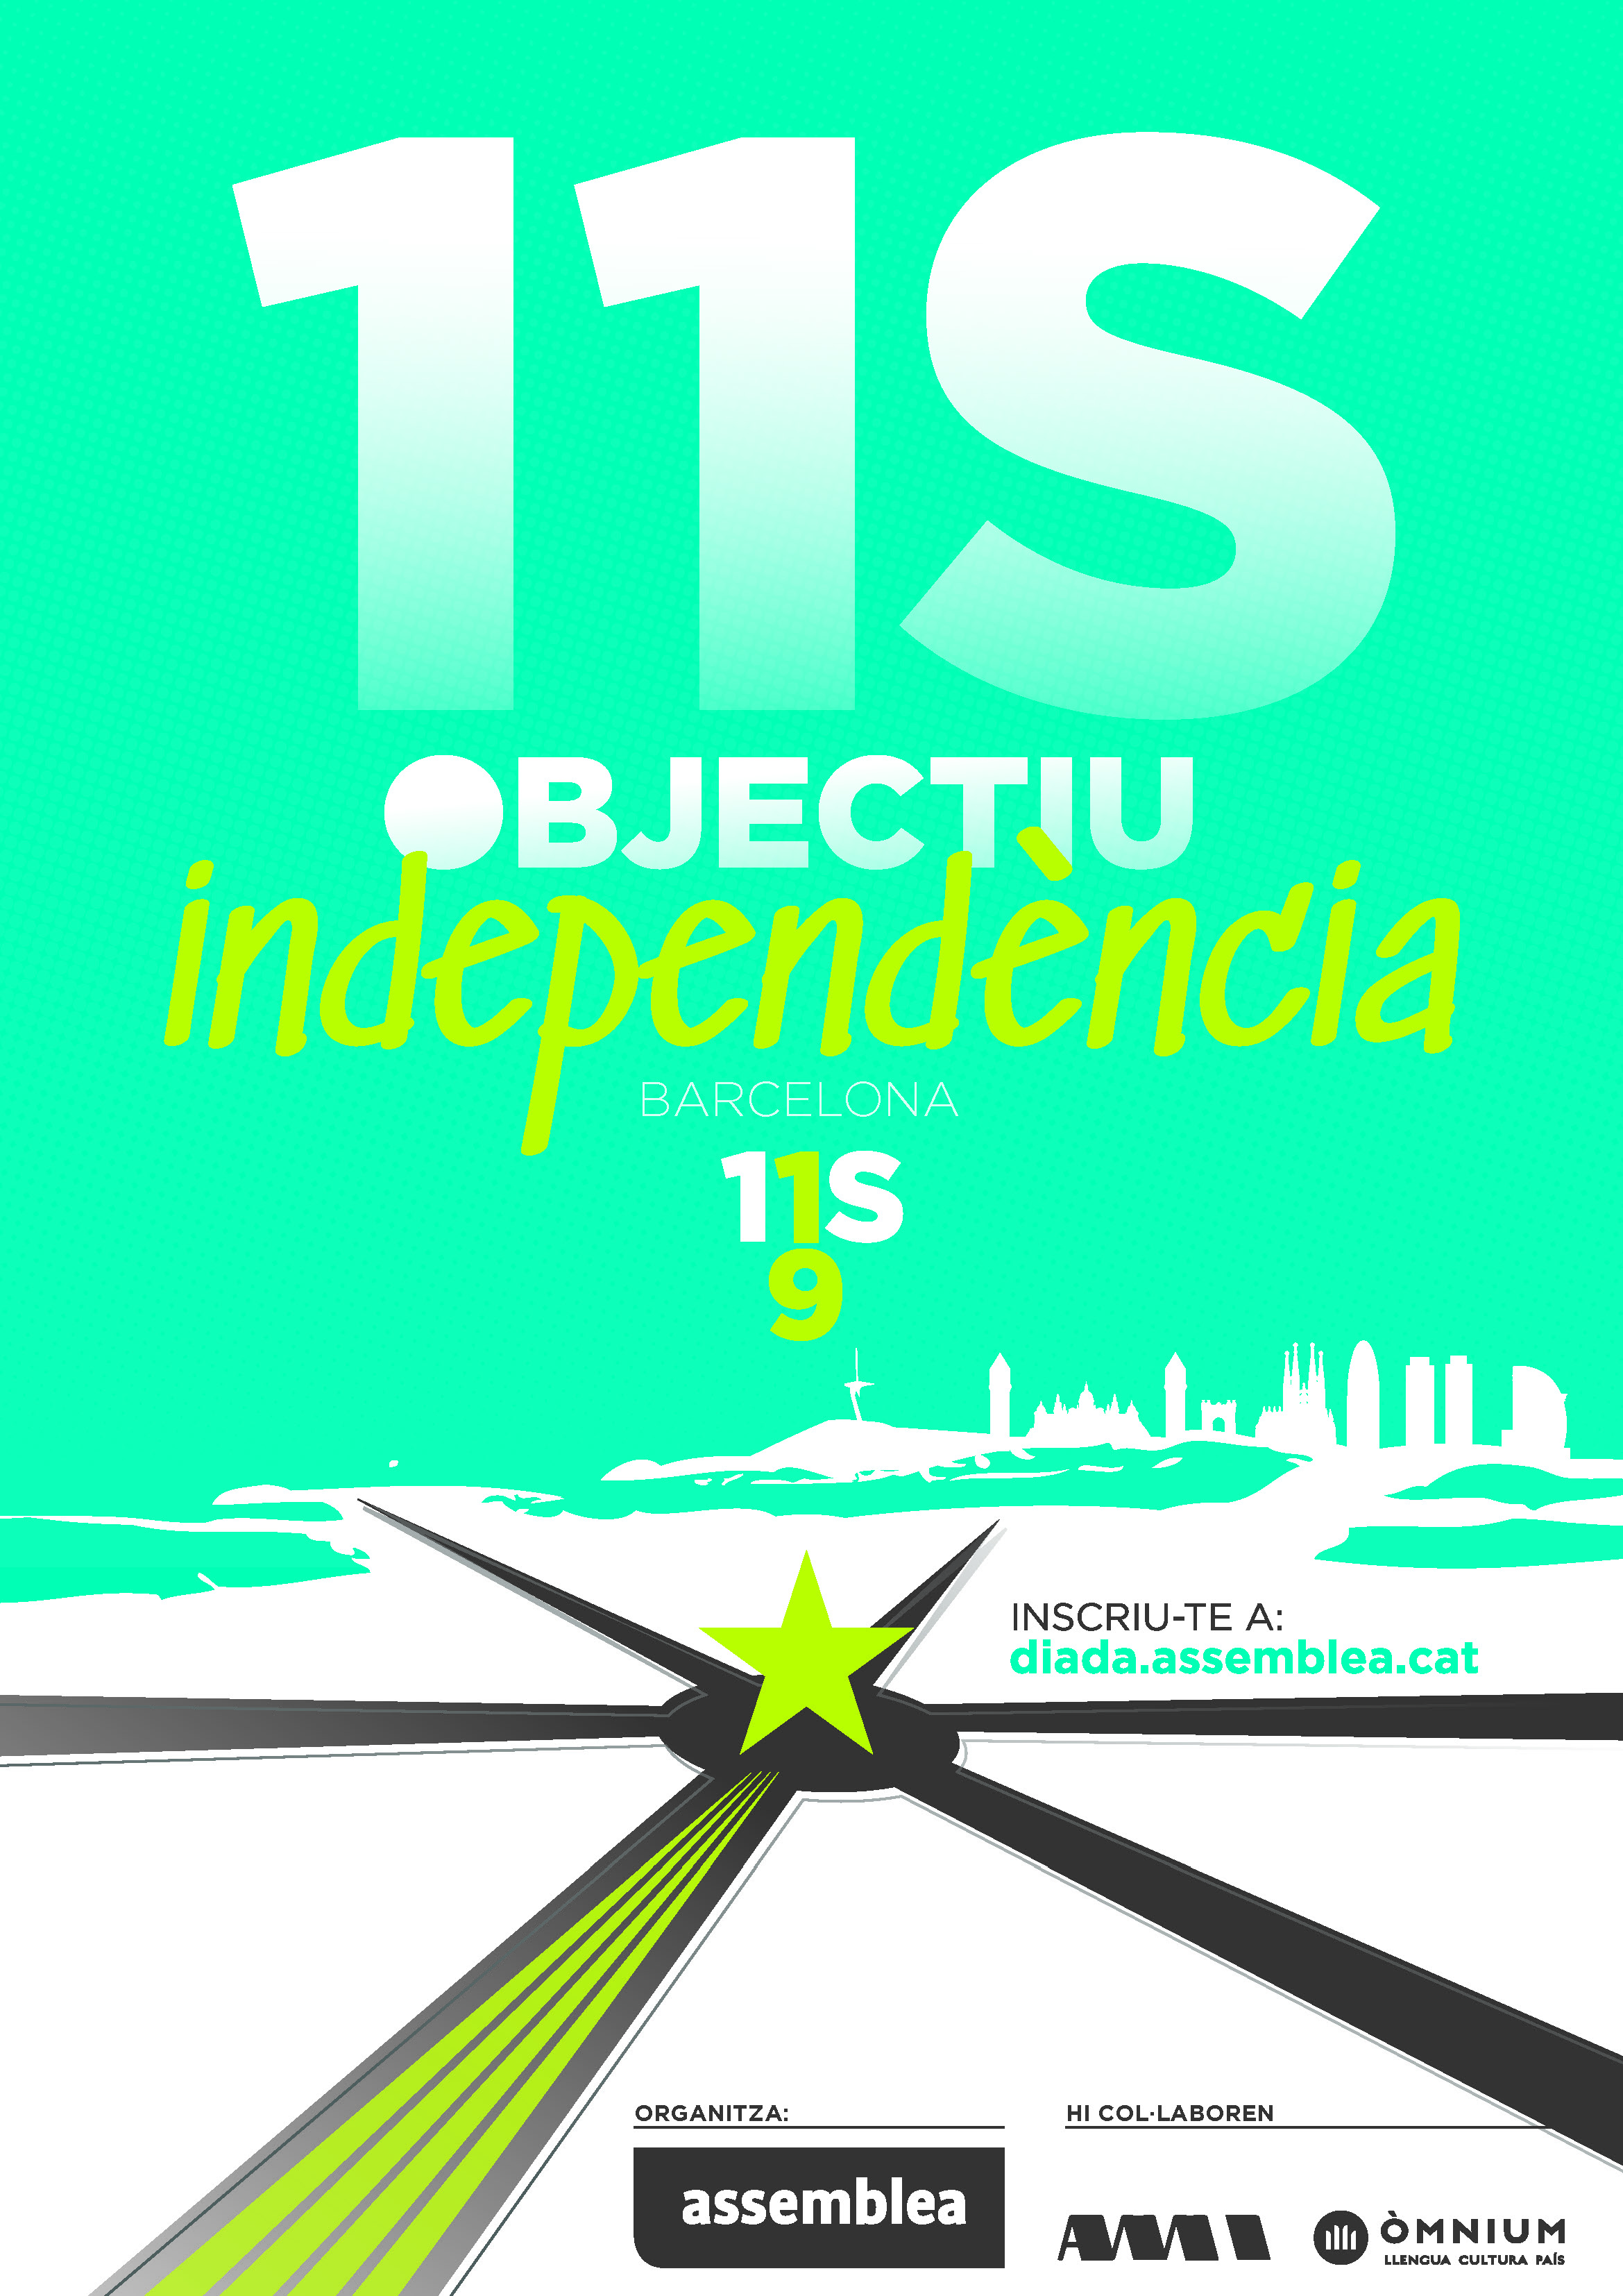 Diada 2019 - Objectiu Independència